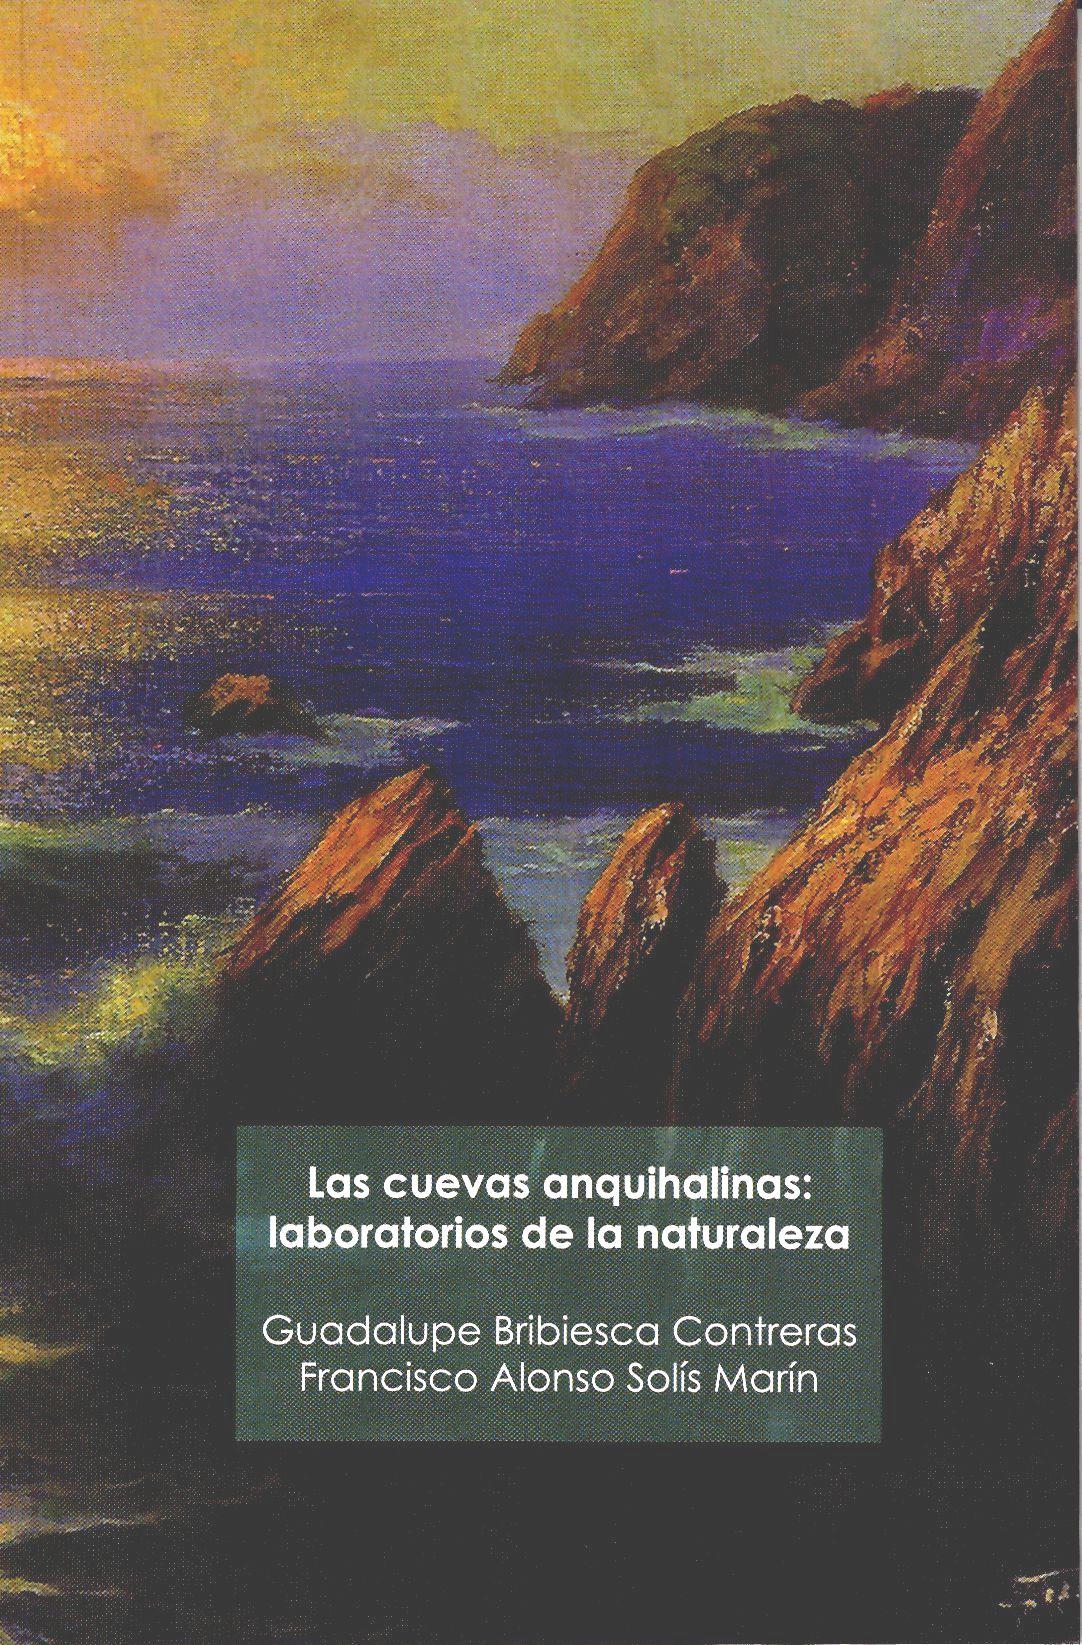 Las cuevas anquihalinas: laboratorios de la naturaleza